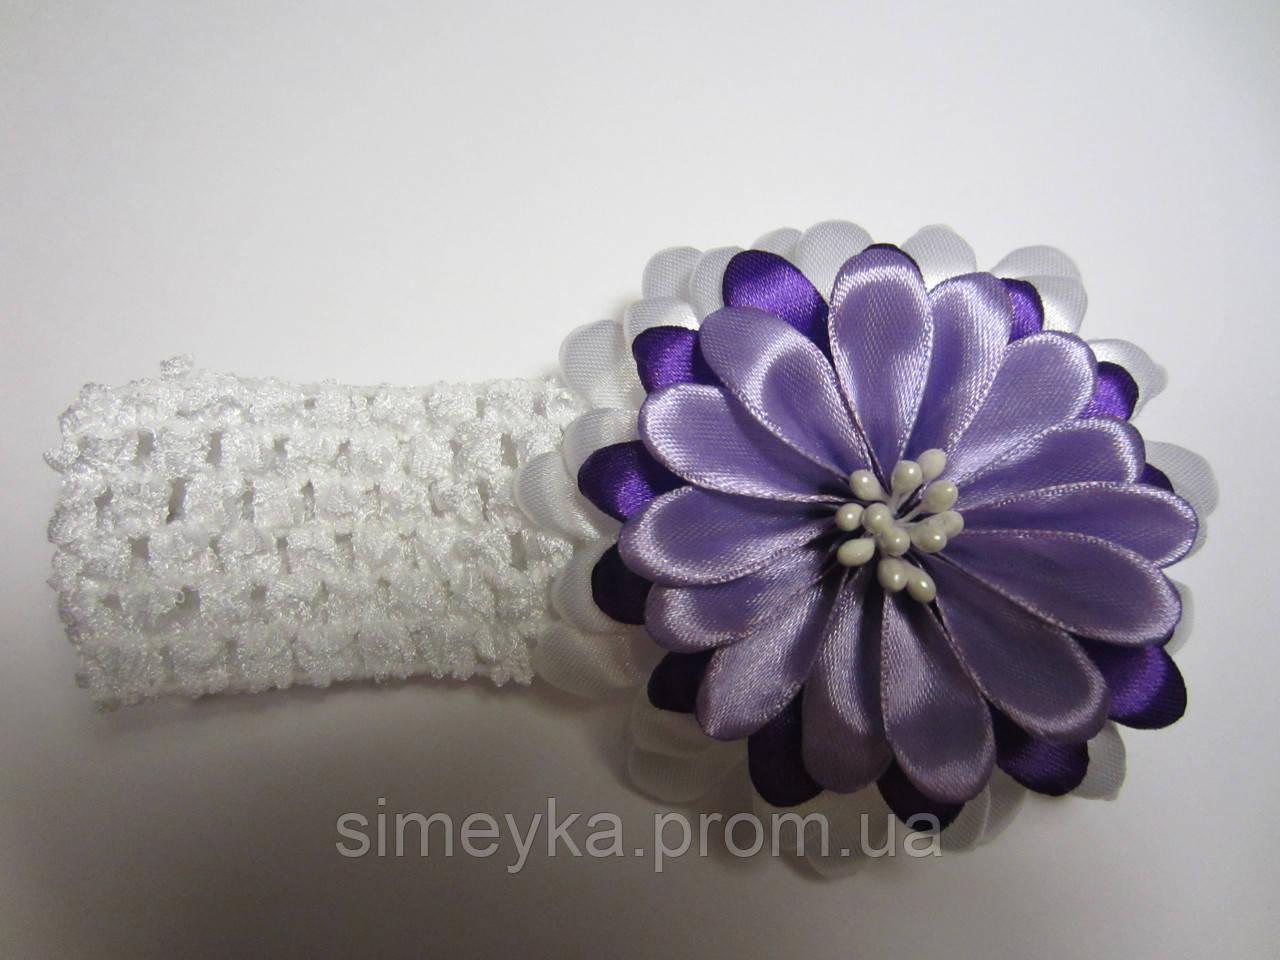 Повязка для волос с цветком (можно также крепить цветок на обруч, заколку, брошь; основы в наборе). Цвет любой